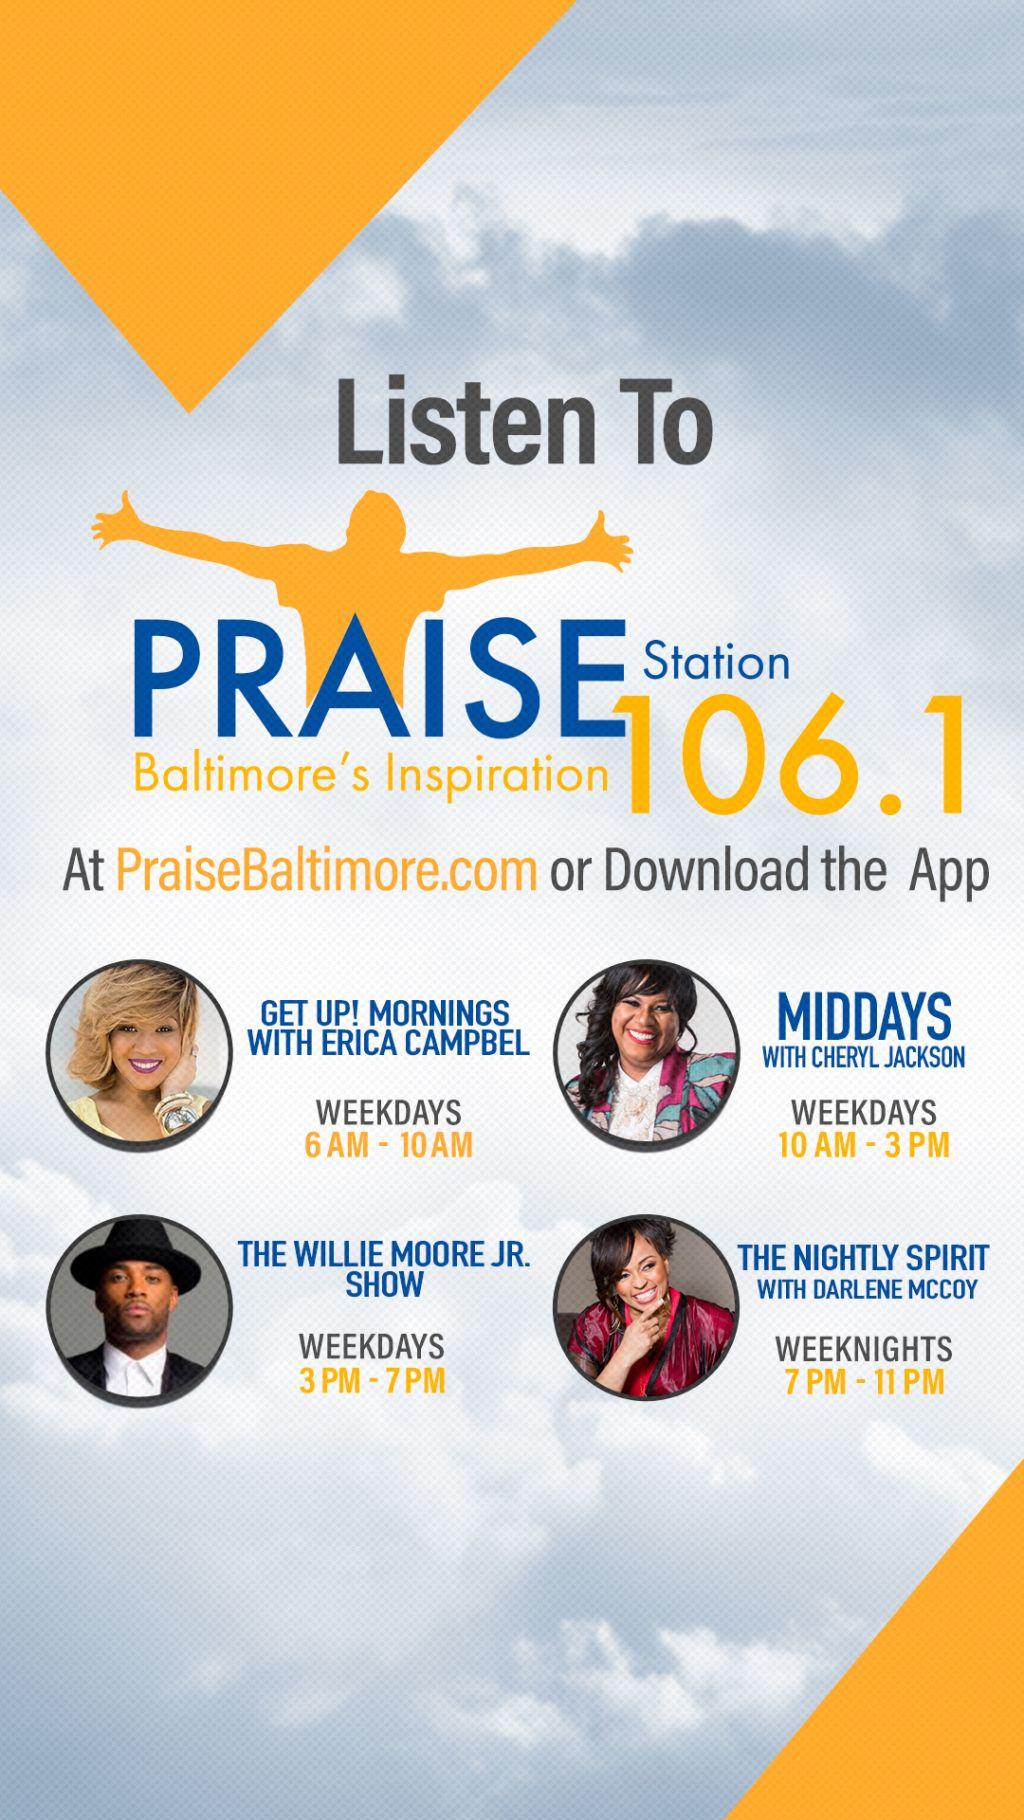 Praise 106.1 Show Schedule